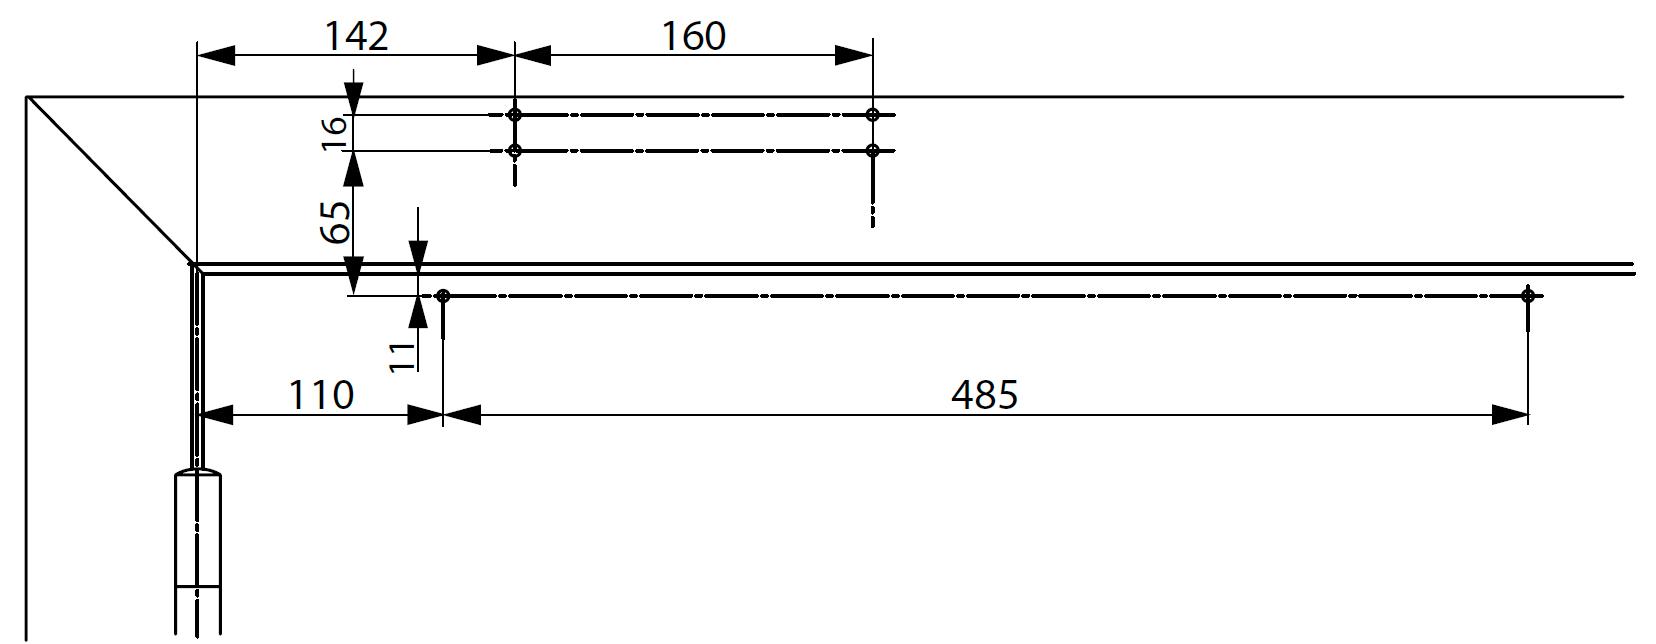 Монтажные размеры с монтажной пластиной для установки доводчика DC700 на коробку со стороны петель Доводчик на коробке со стороны петель. Для дверей, где прямой монтаж невозможен.